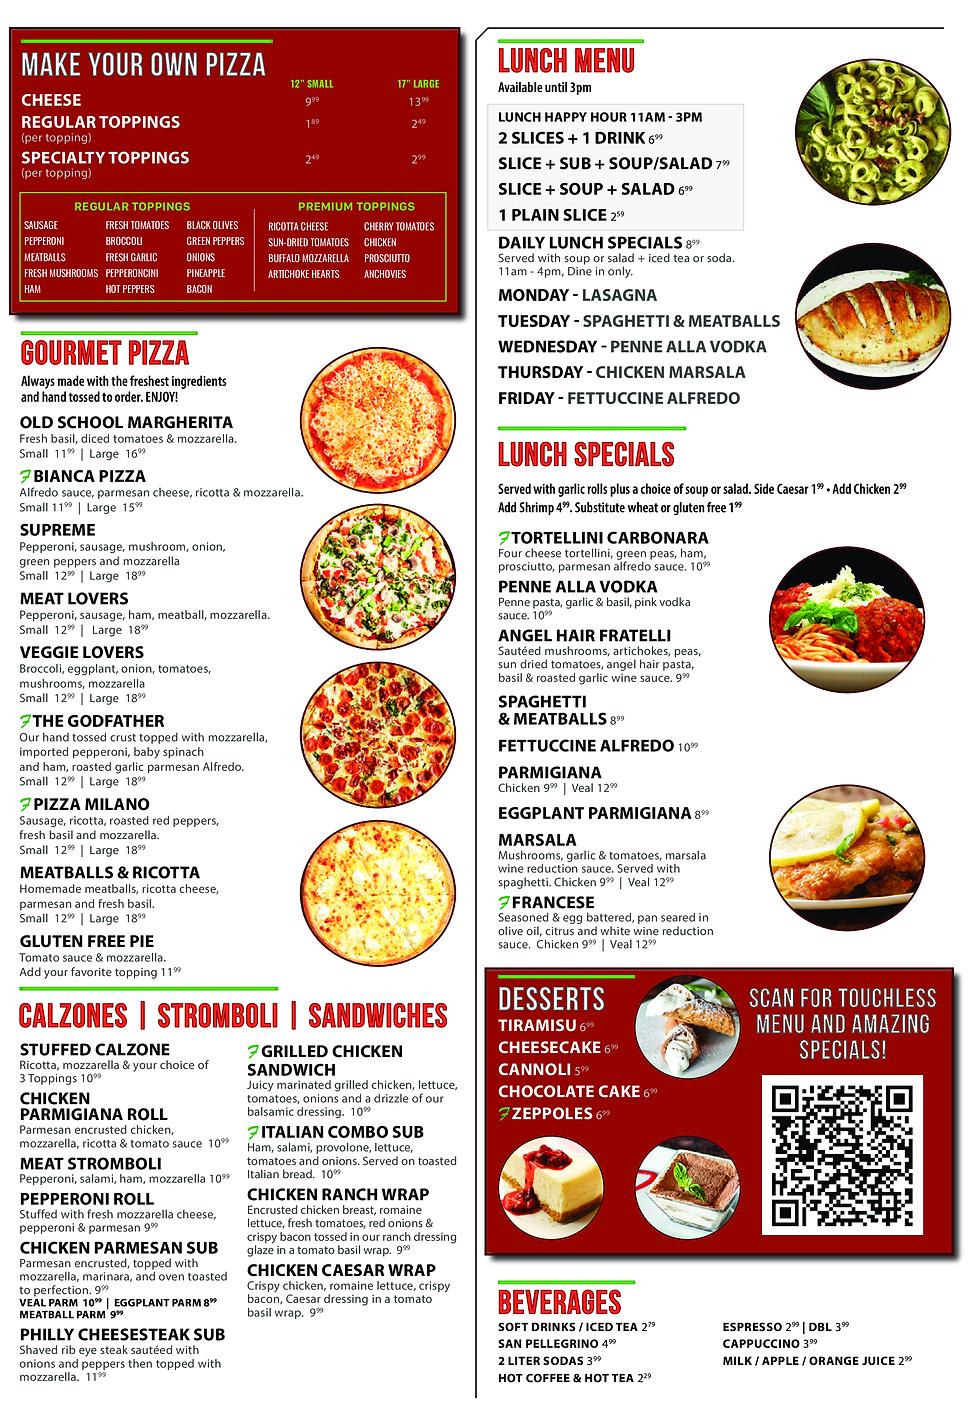 deerfield menu 2.png